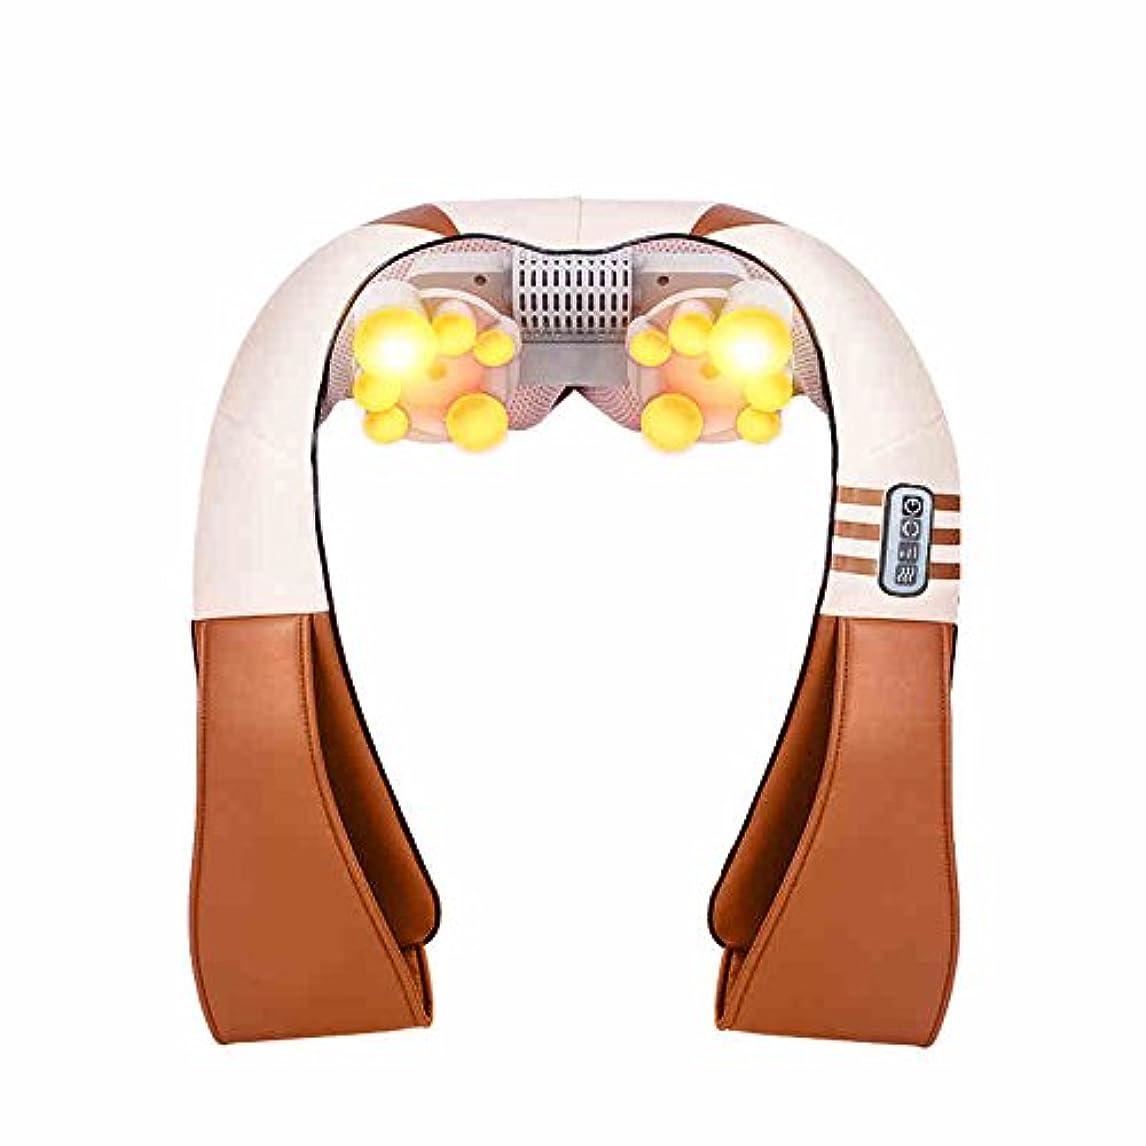 スポンジドライバ処分したHAIZHEN マッサージチェア フルボディマッサージ器の電気運動振動指圧の混乱指圧リウマチの痛みを和らげる頭の血液循環を促進する